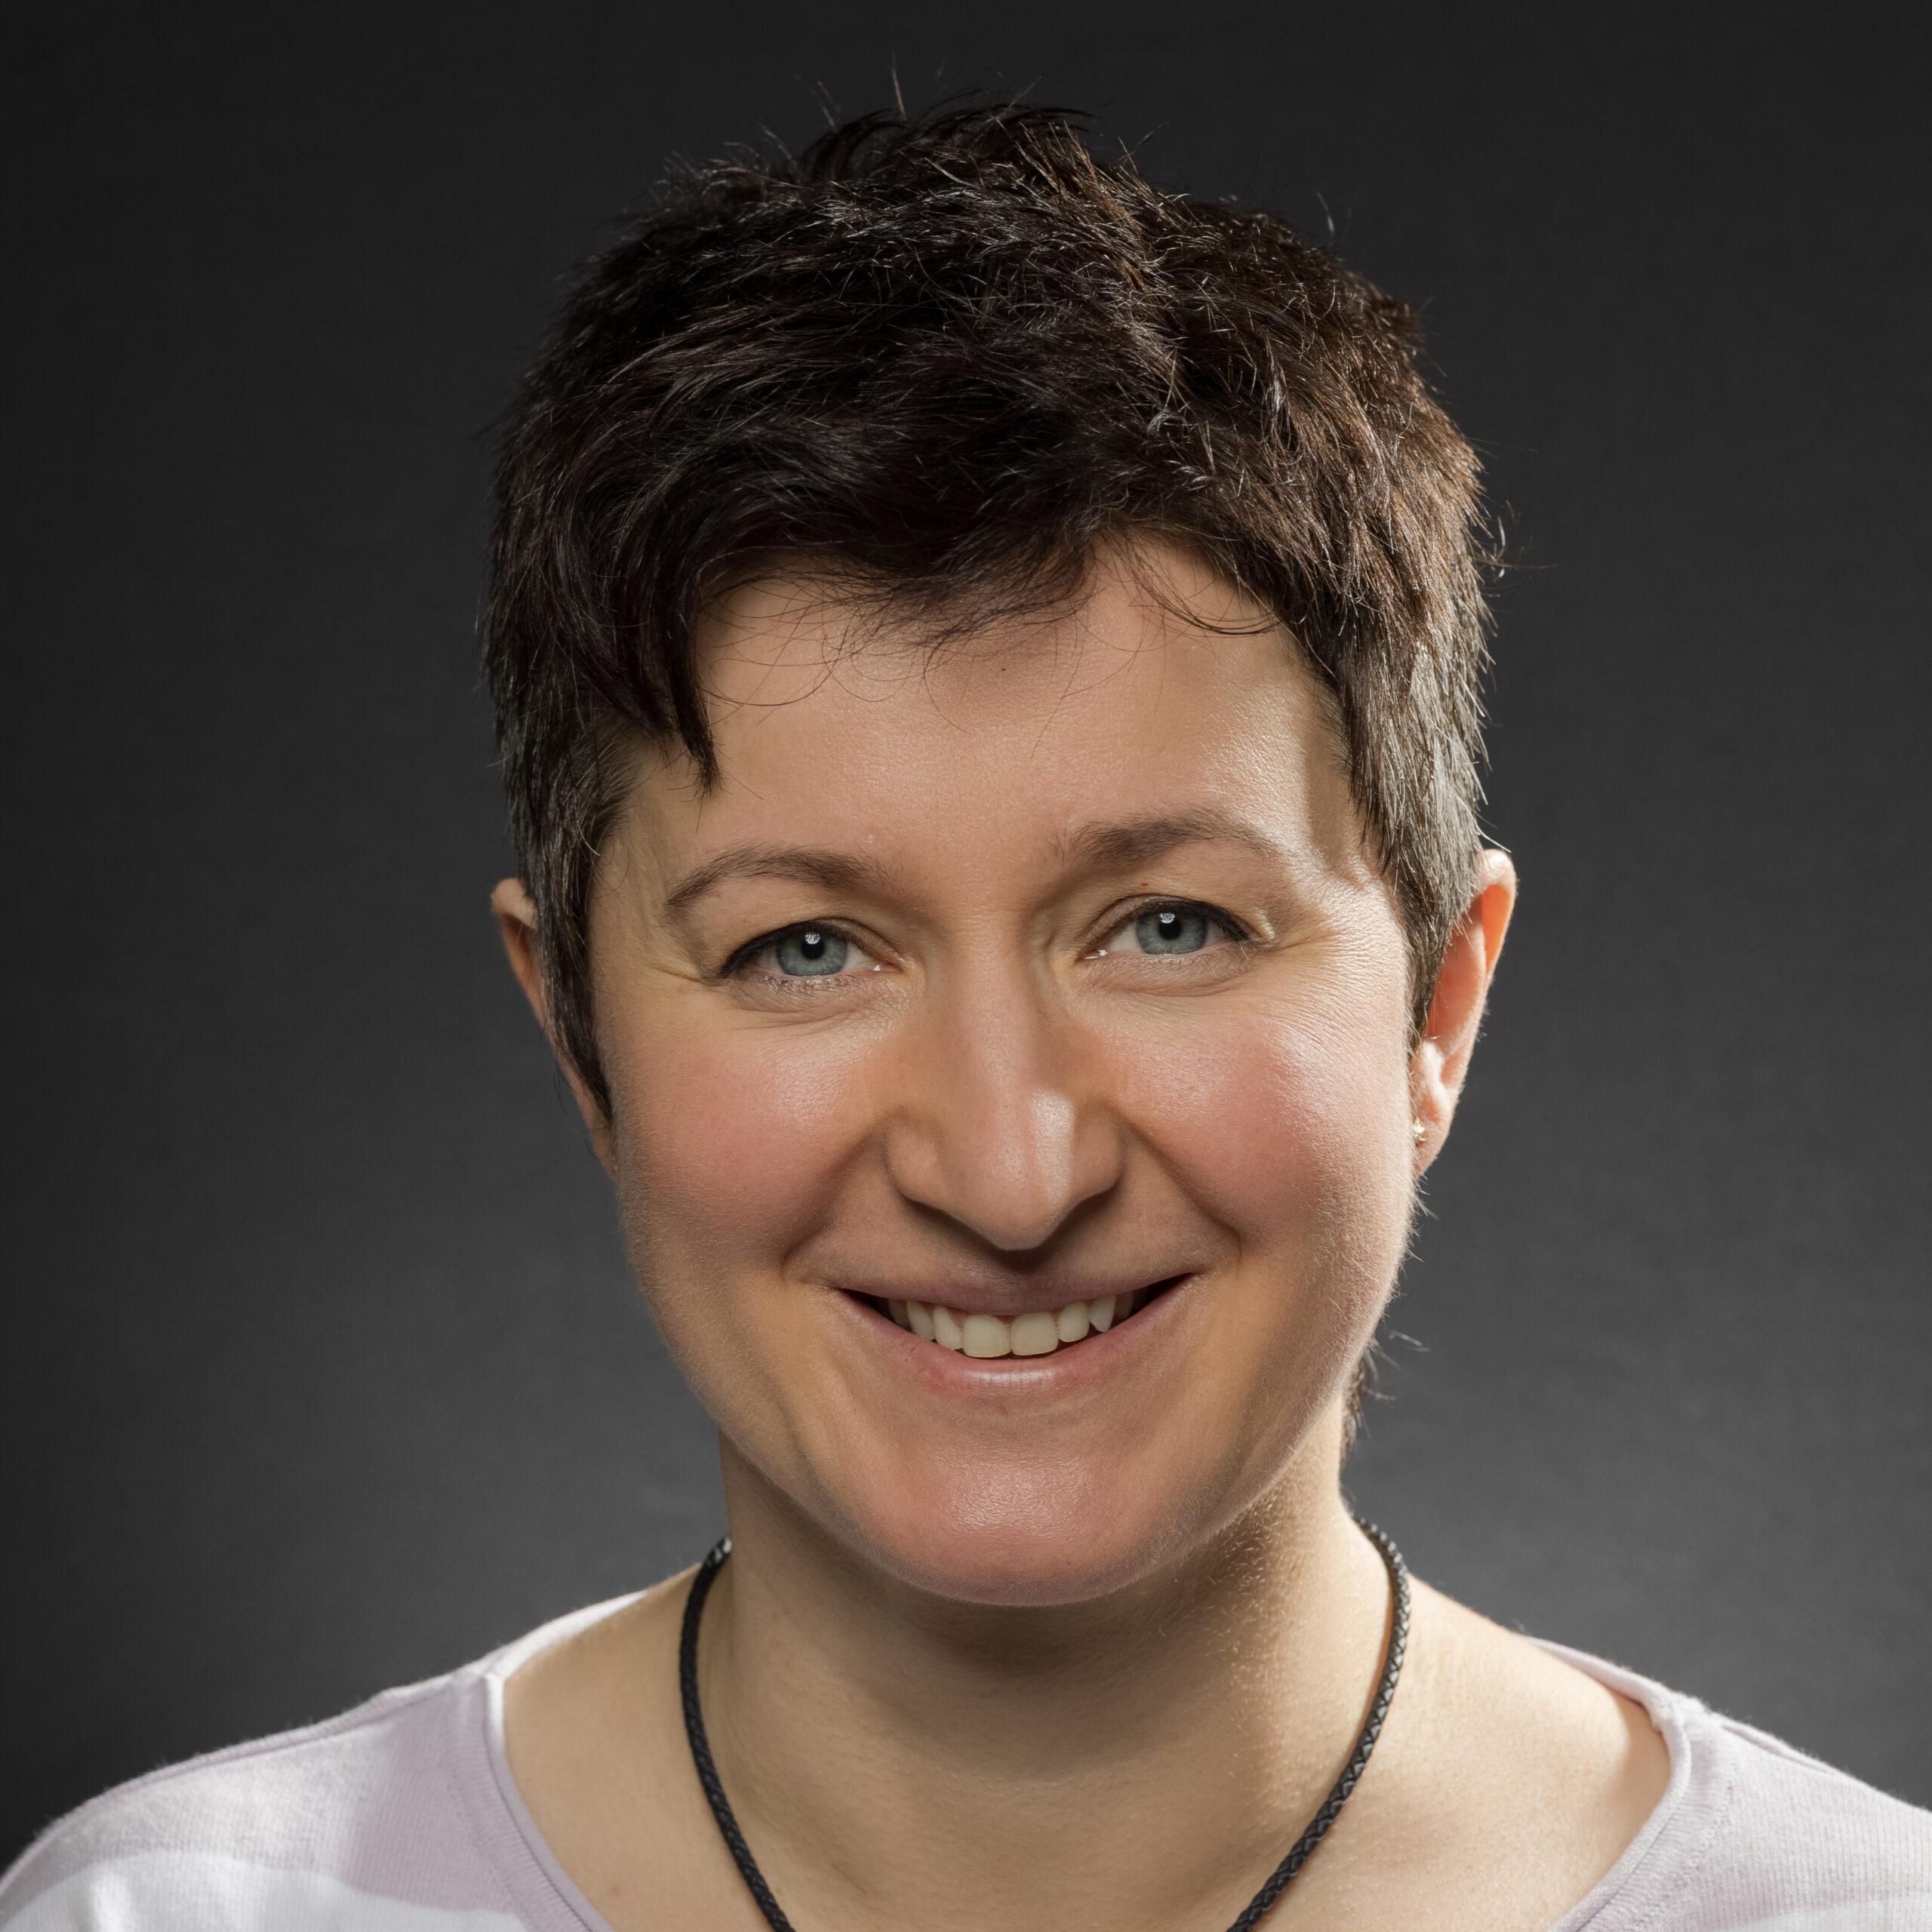 Manuela Rohr